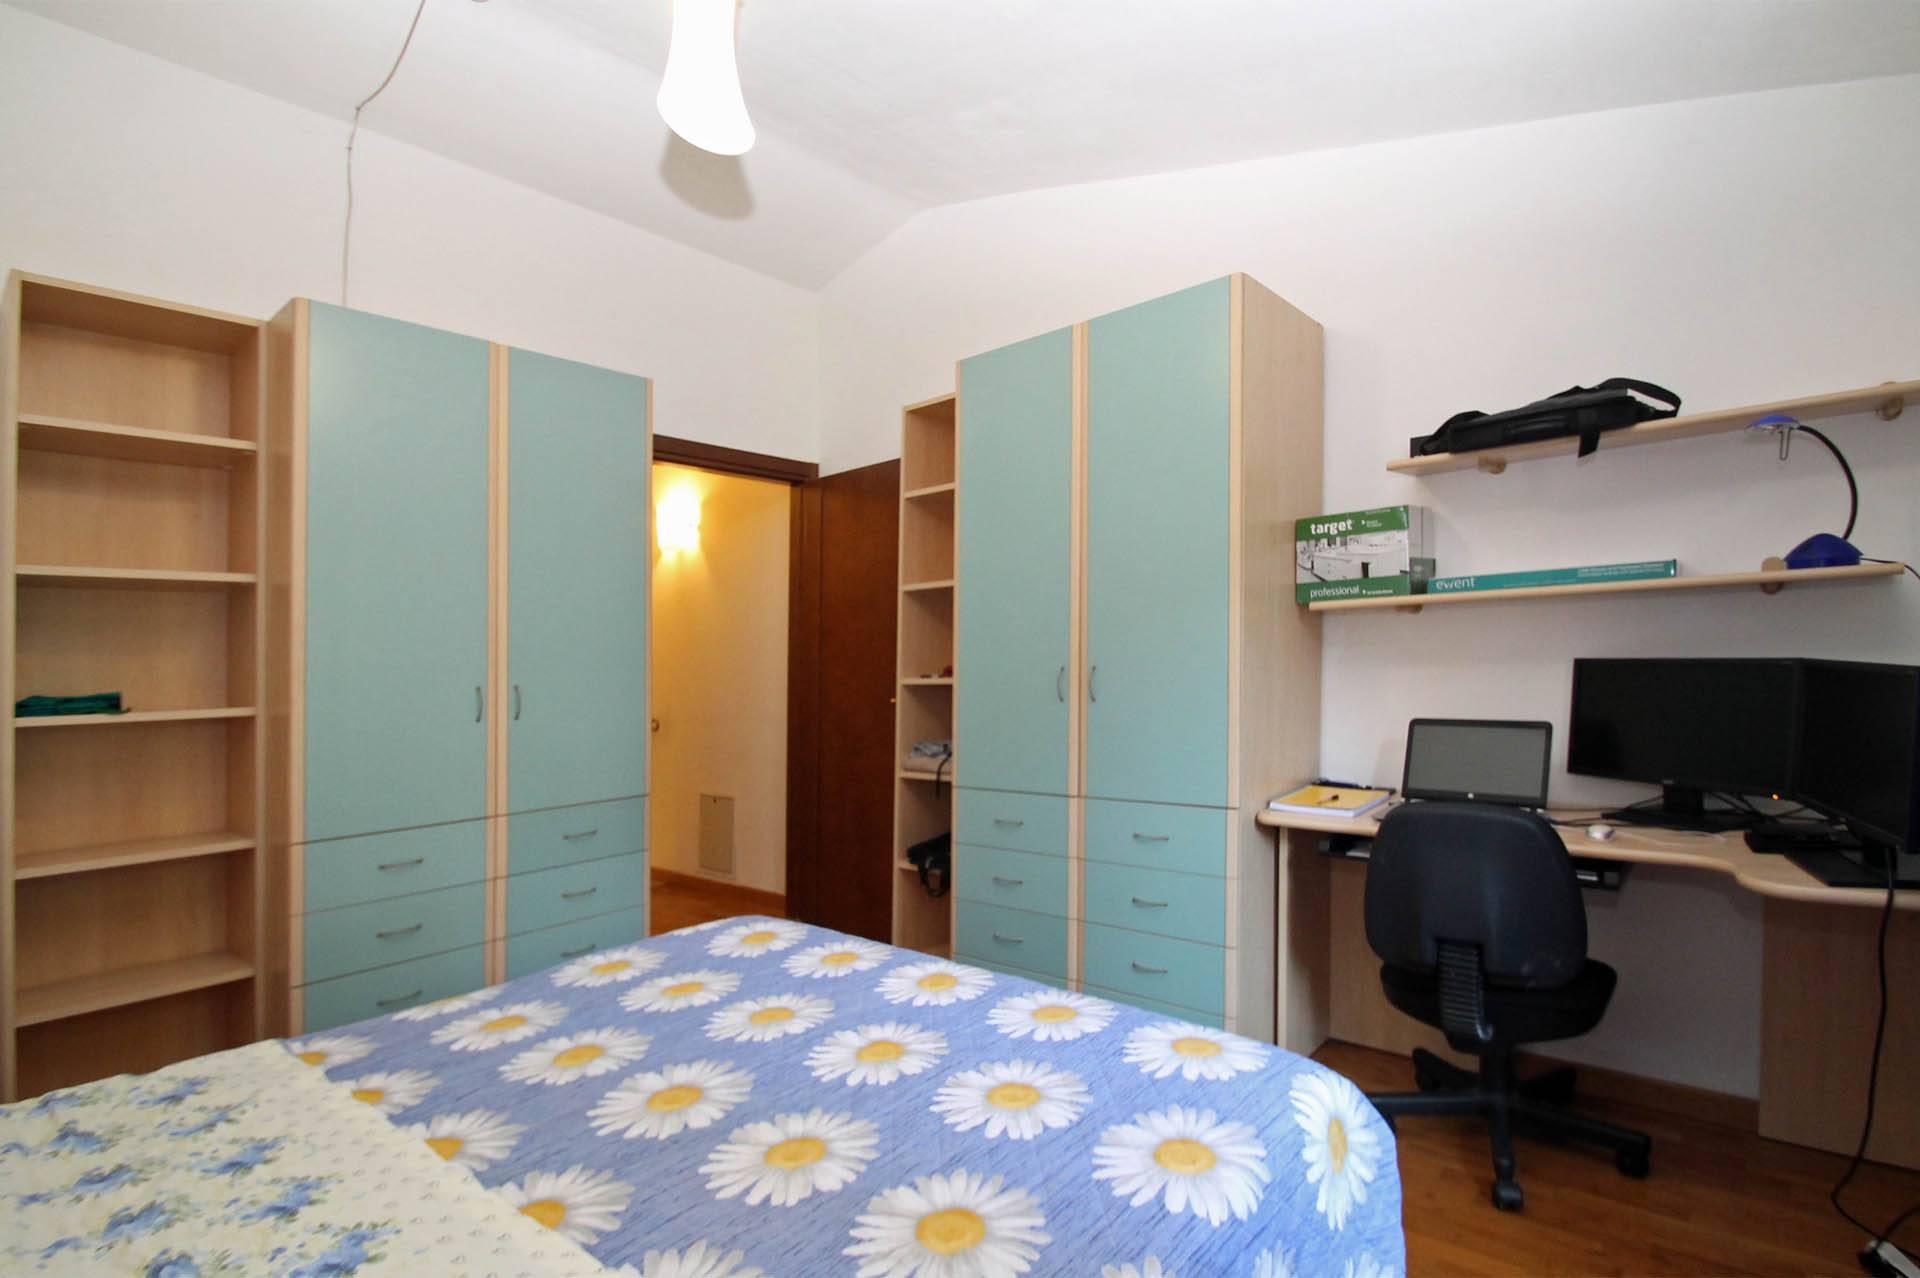 3064-camera da letto